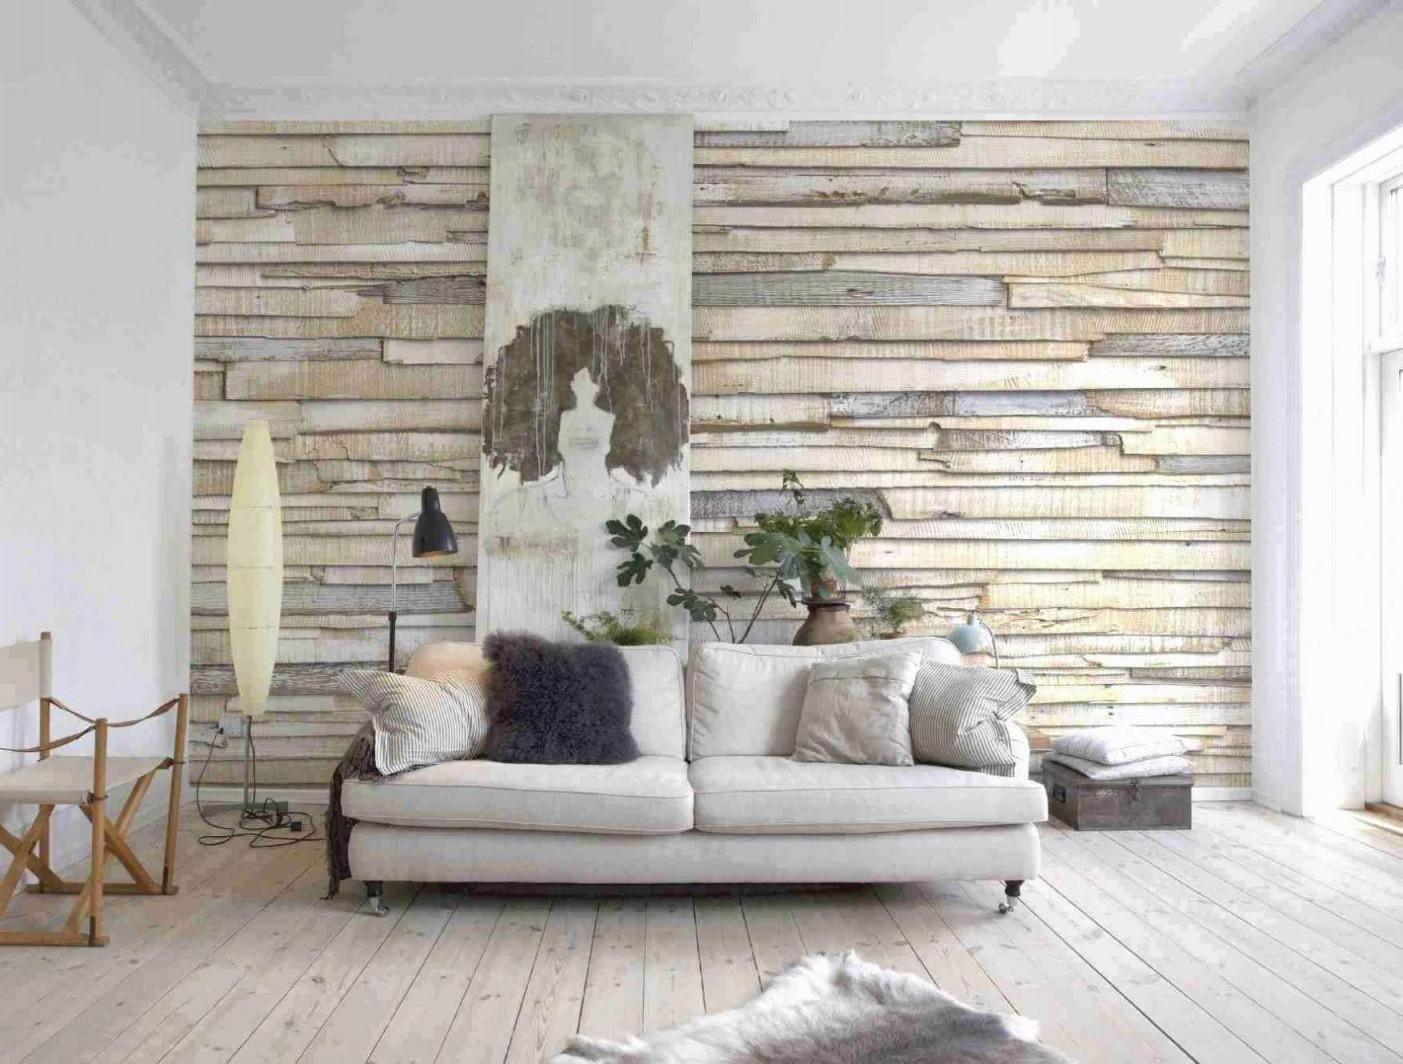 Tapeten Wohnzimmer Beige Luxus Tapeten Wohnzimmer Beige von Tapeten Wohnzimmer Beige Bild